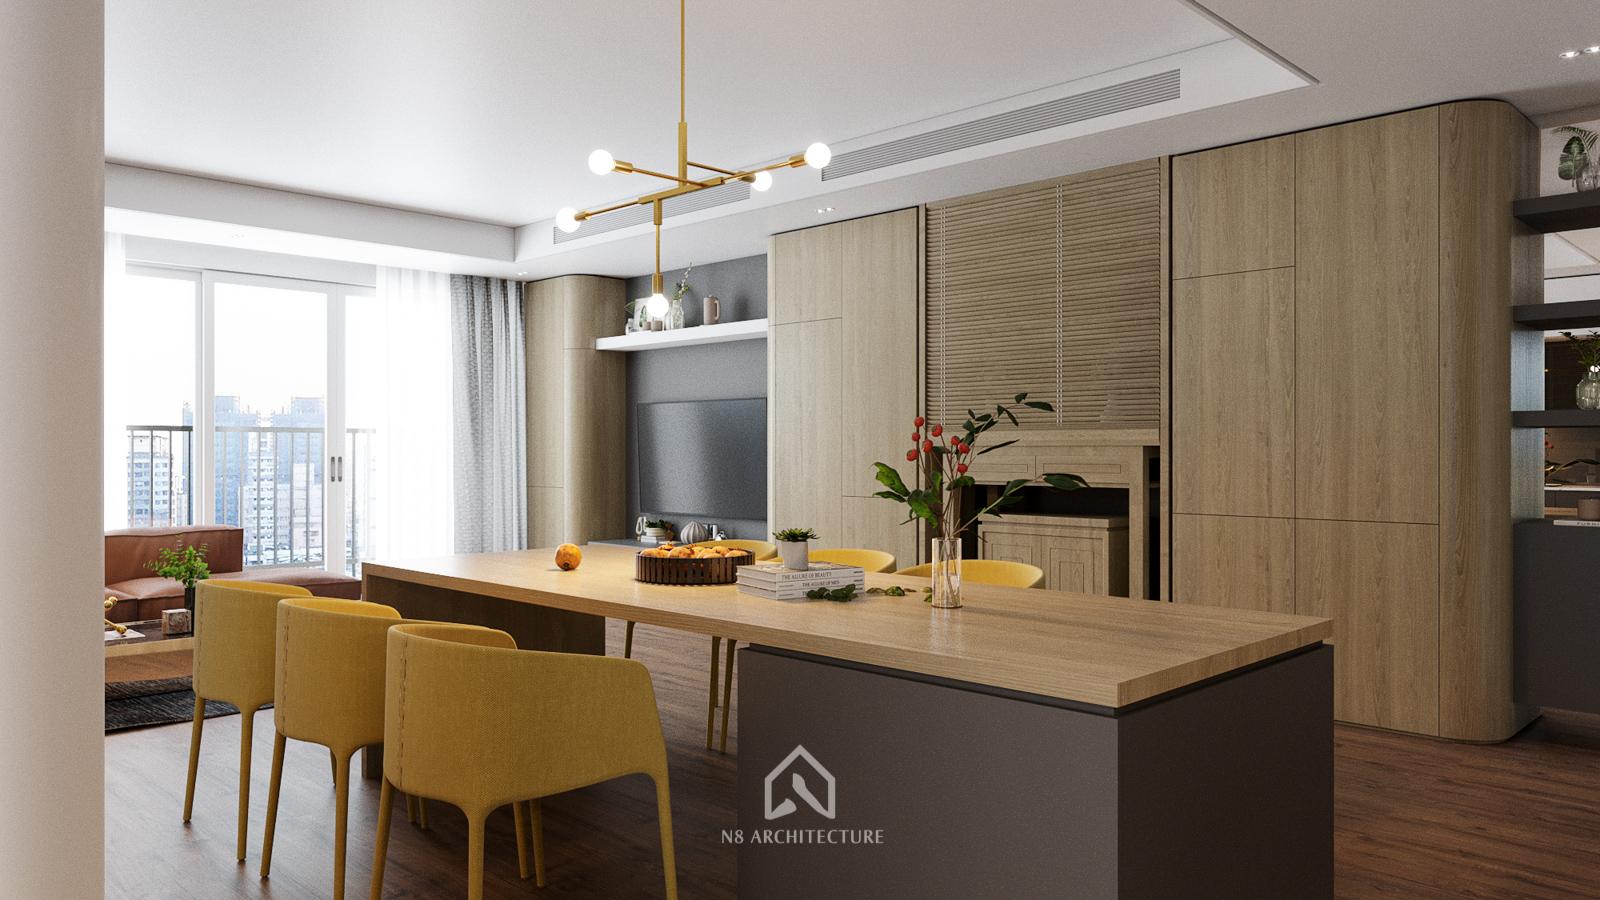 thiết kế nội thất phòng bếp chung cư seasons avenue 3